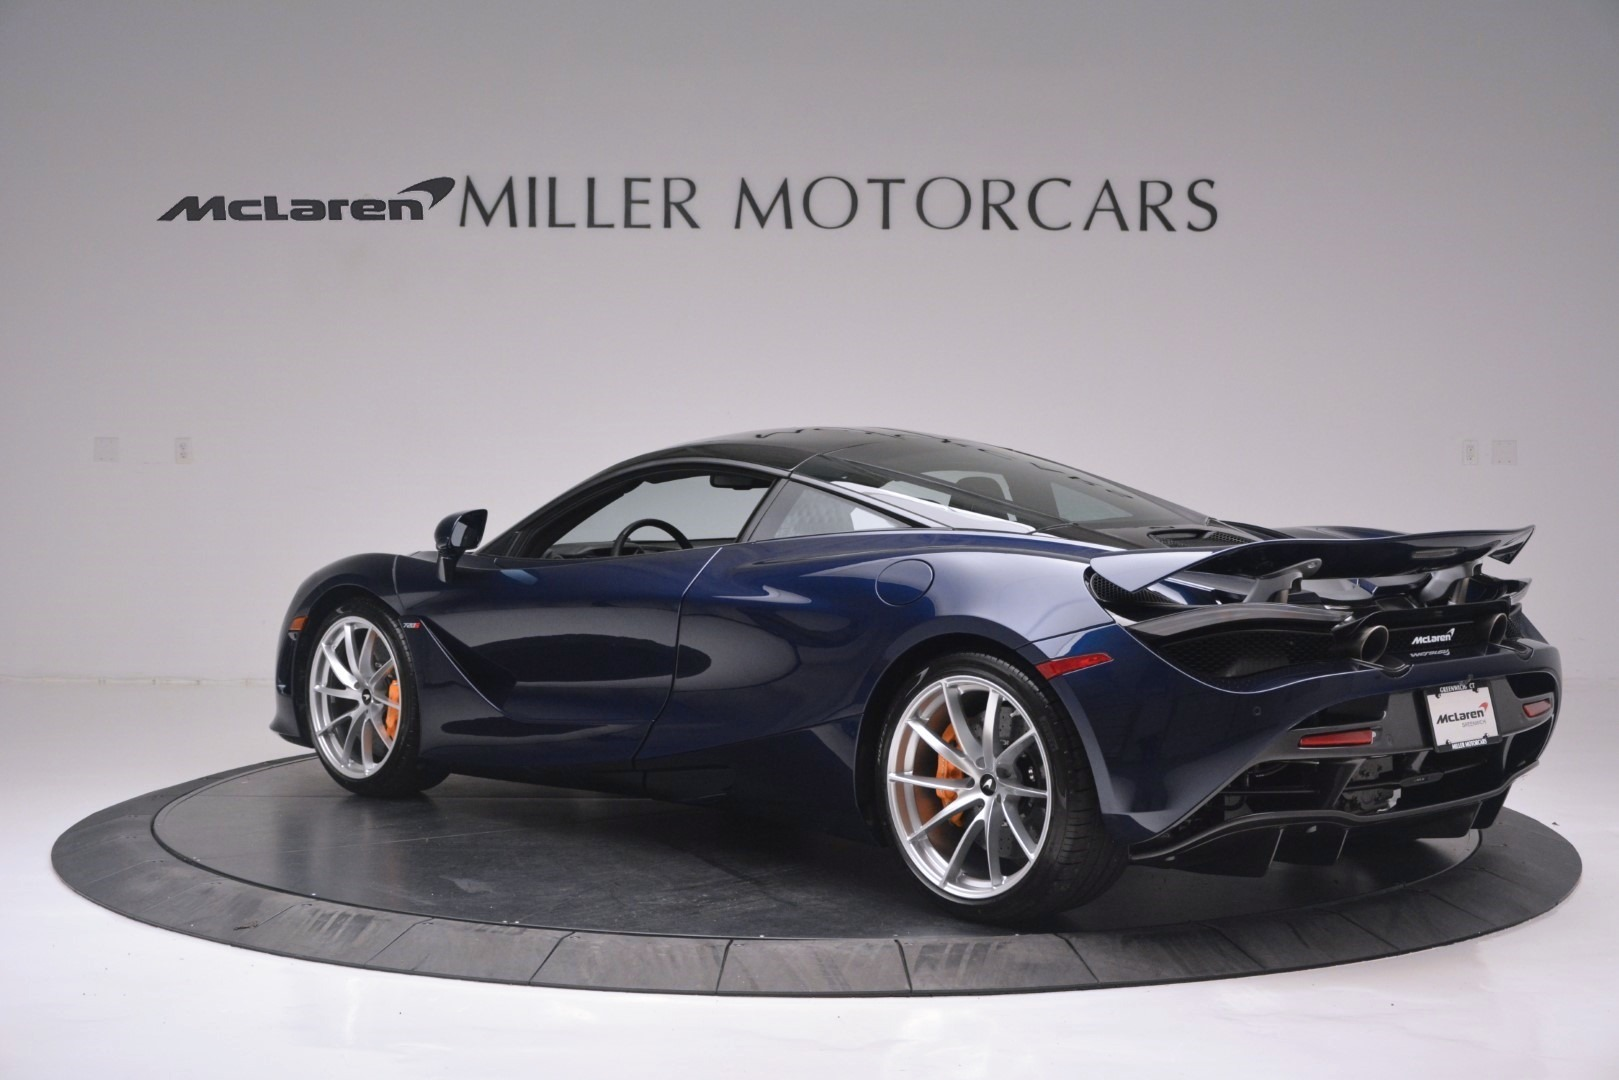 New 2019 McLaren 720S Coupe For Sale In Westport, CT 2730_p4